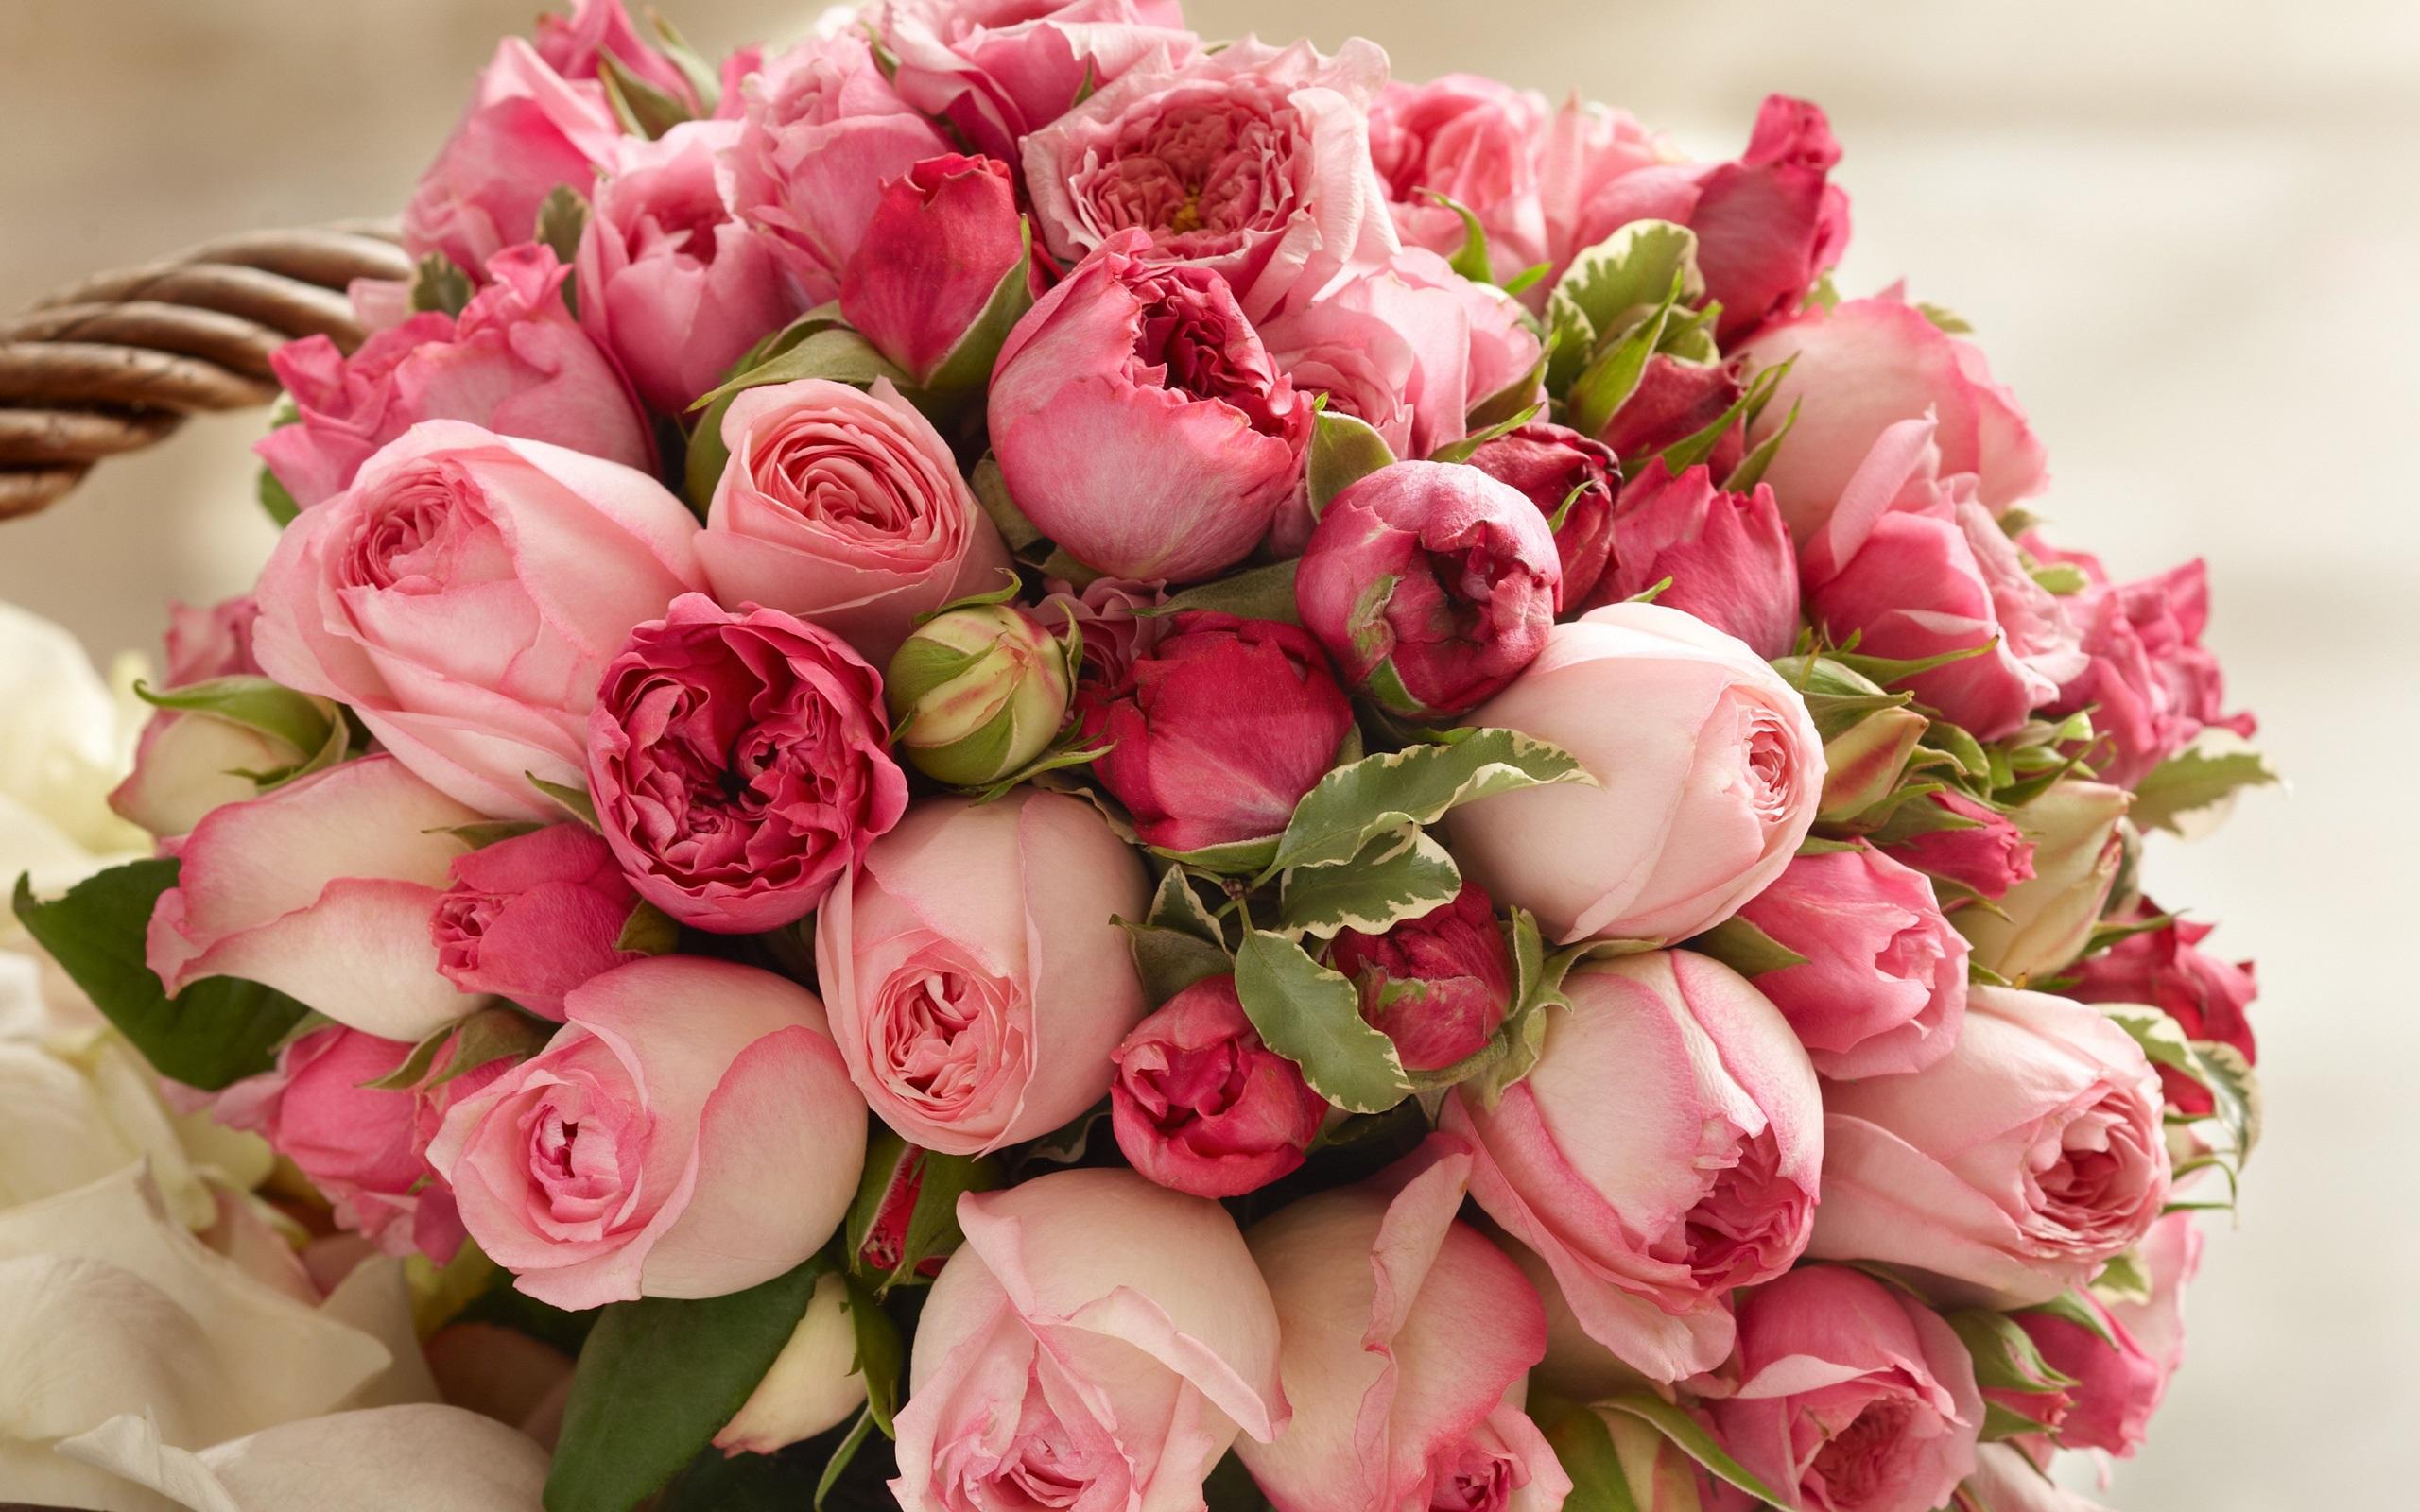 супер красивый букет цветов фото престолов